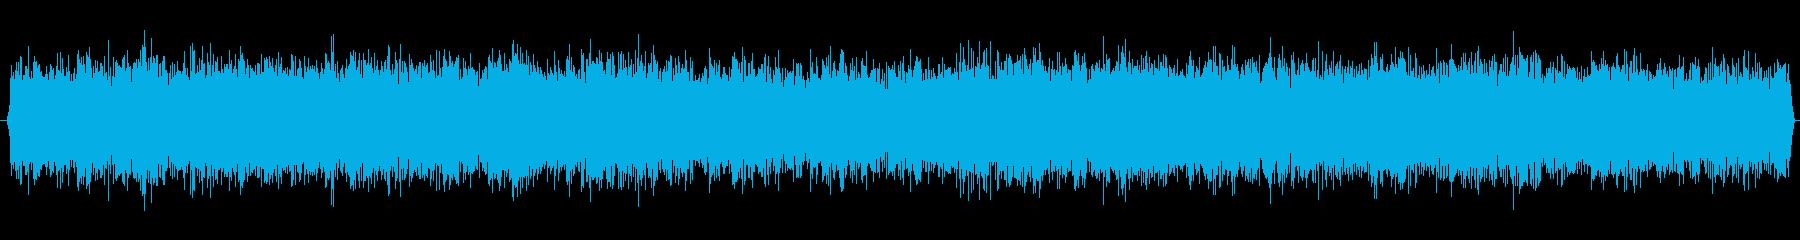 トンネル・洞窟・地下の重厚な環境音の再生済みの波形